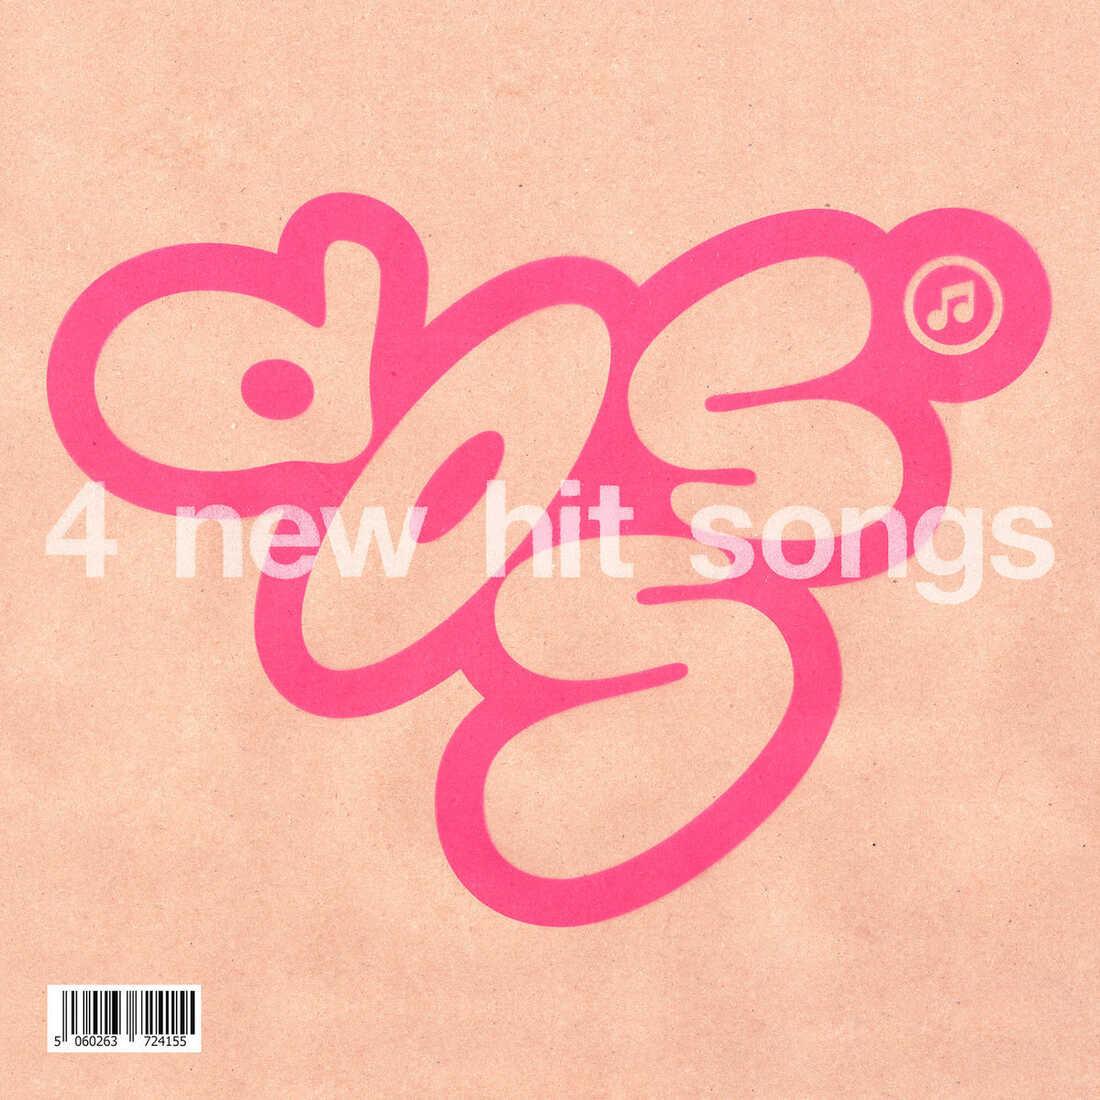 Doss, 4 New Hit Songs